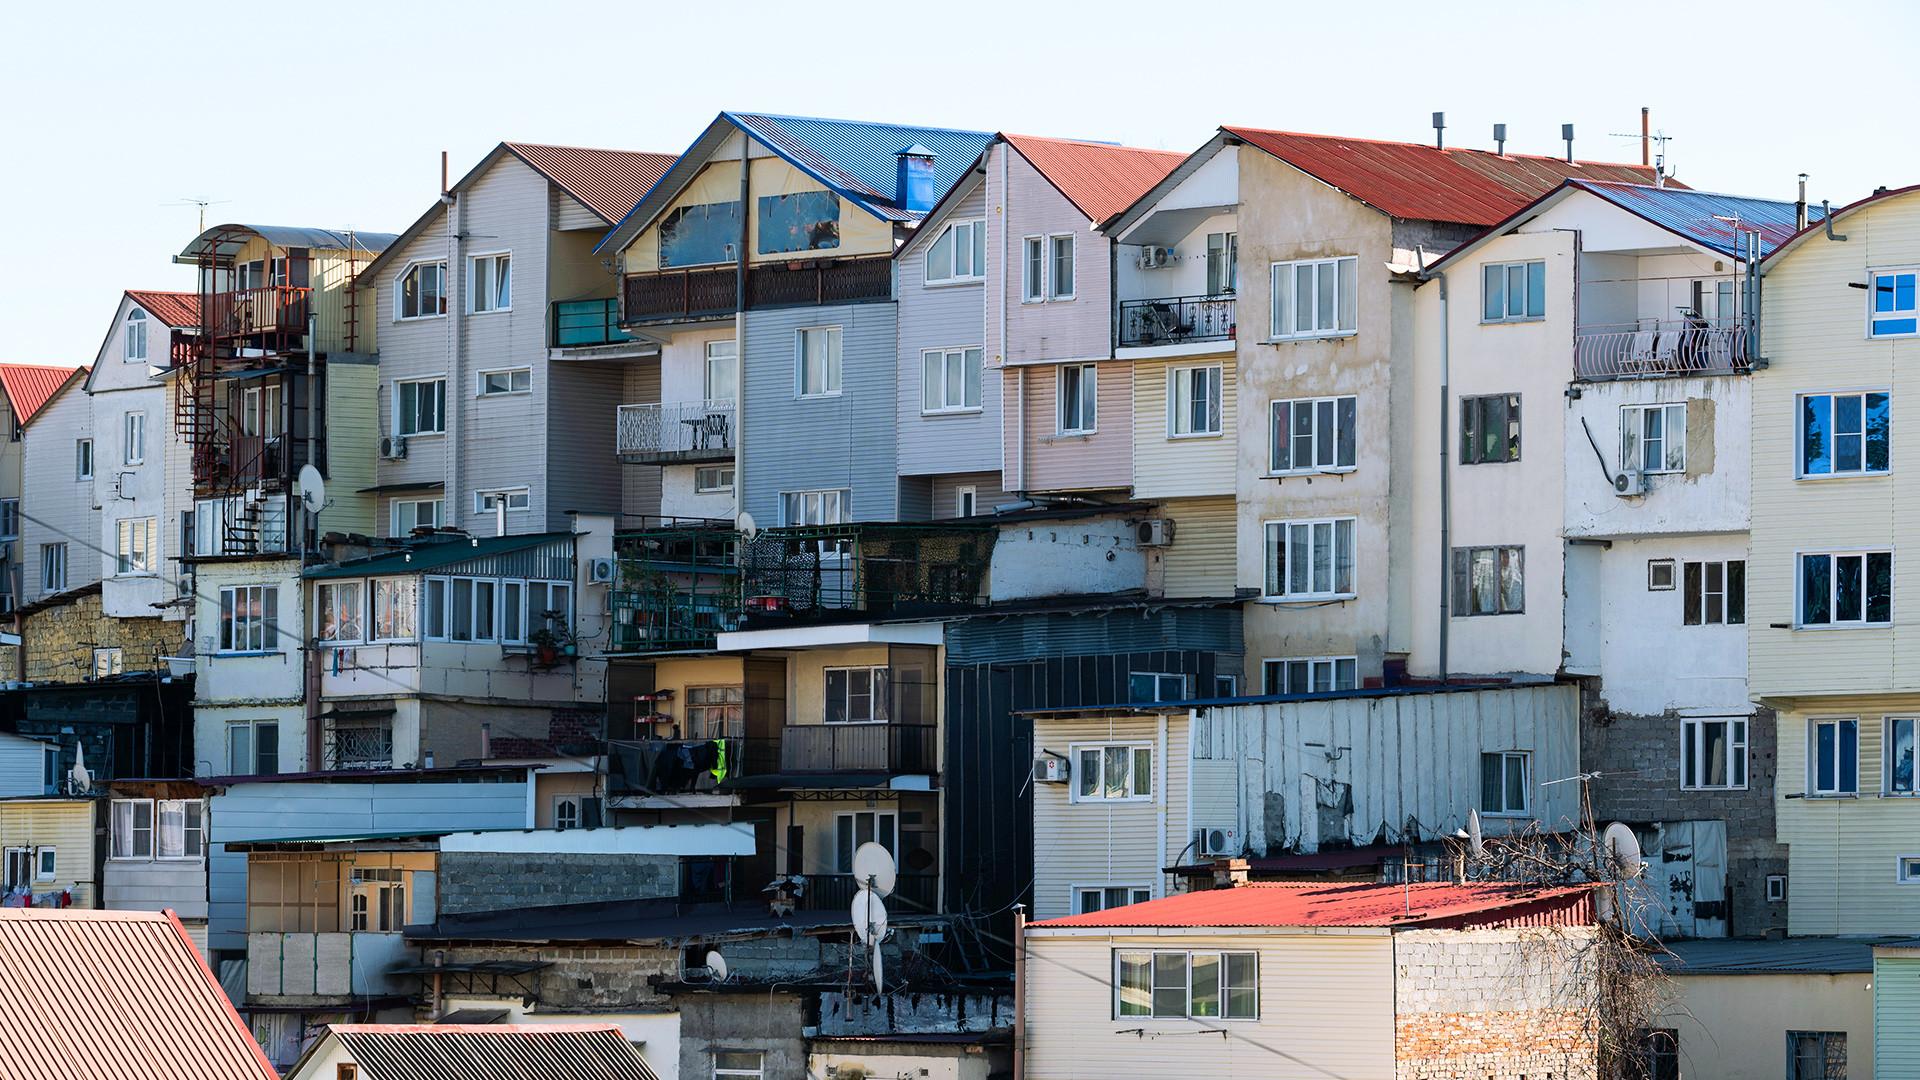 Garajes residenciales en el centro de la ciudad.